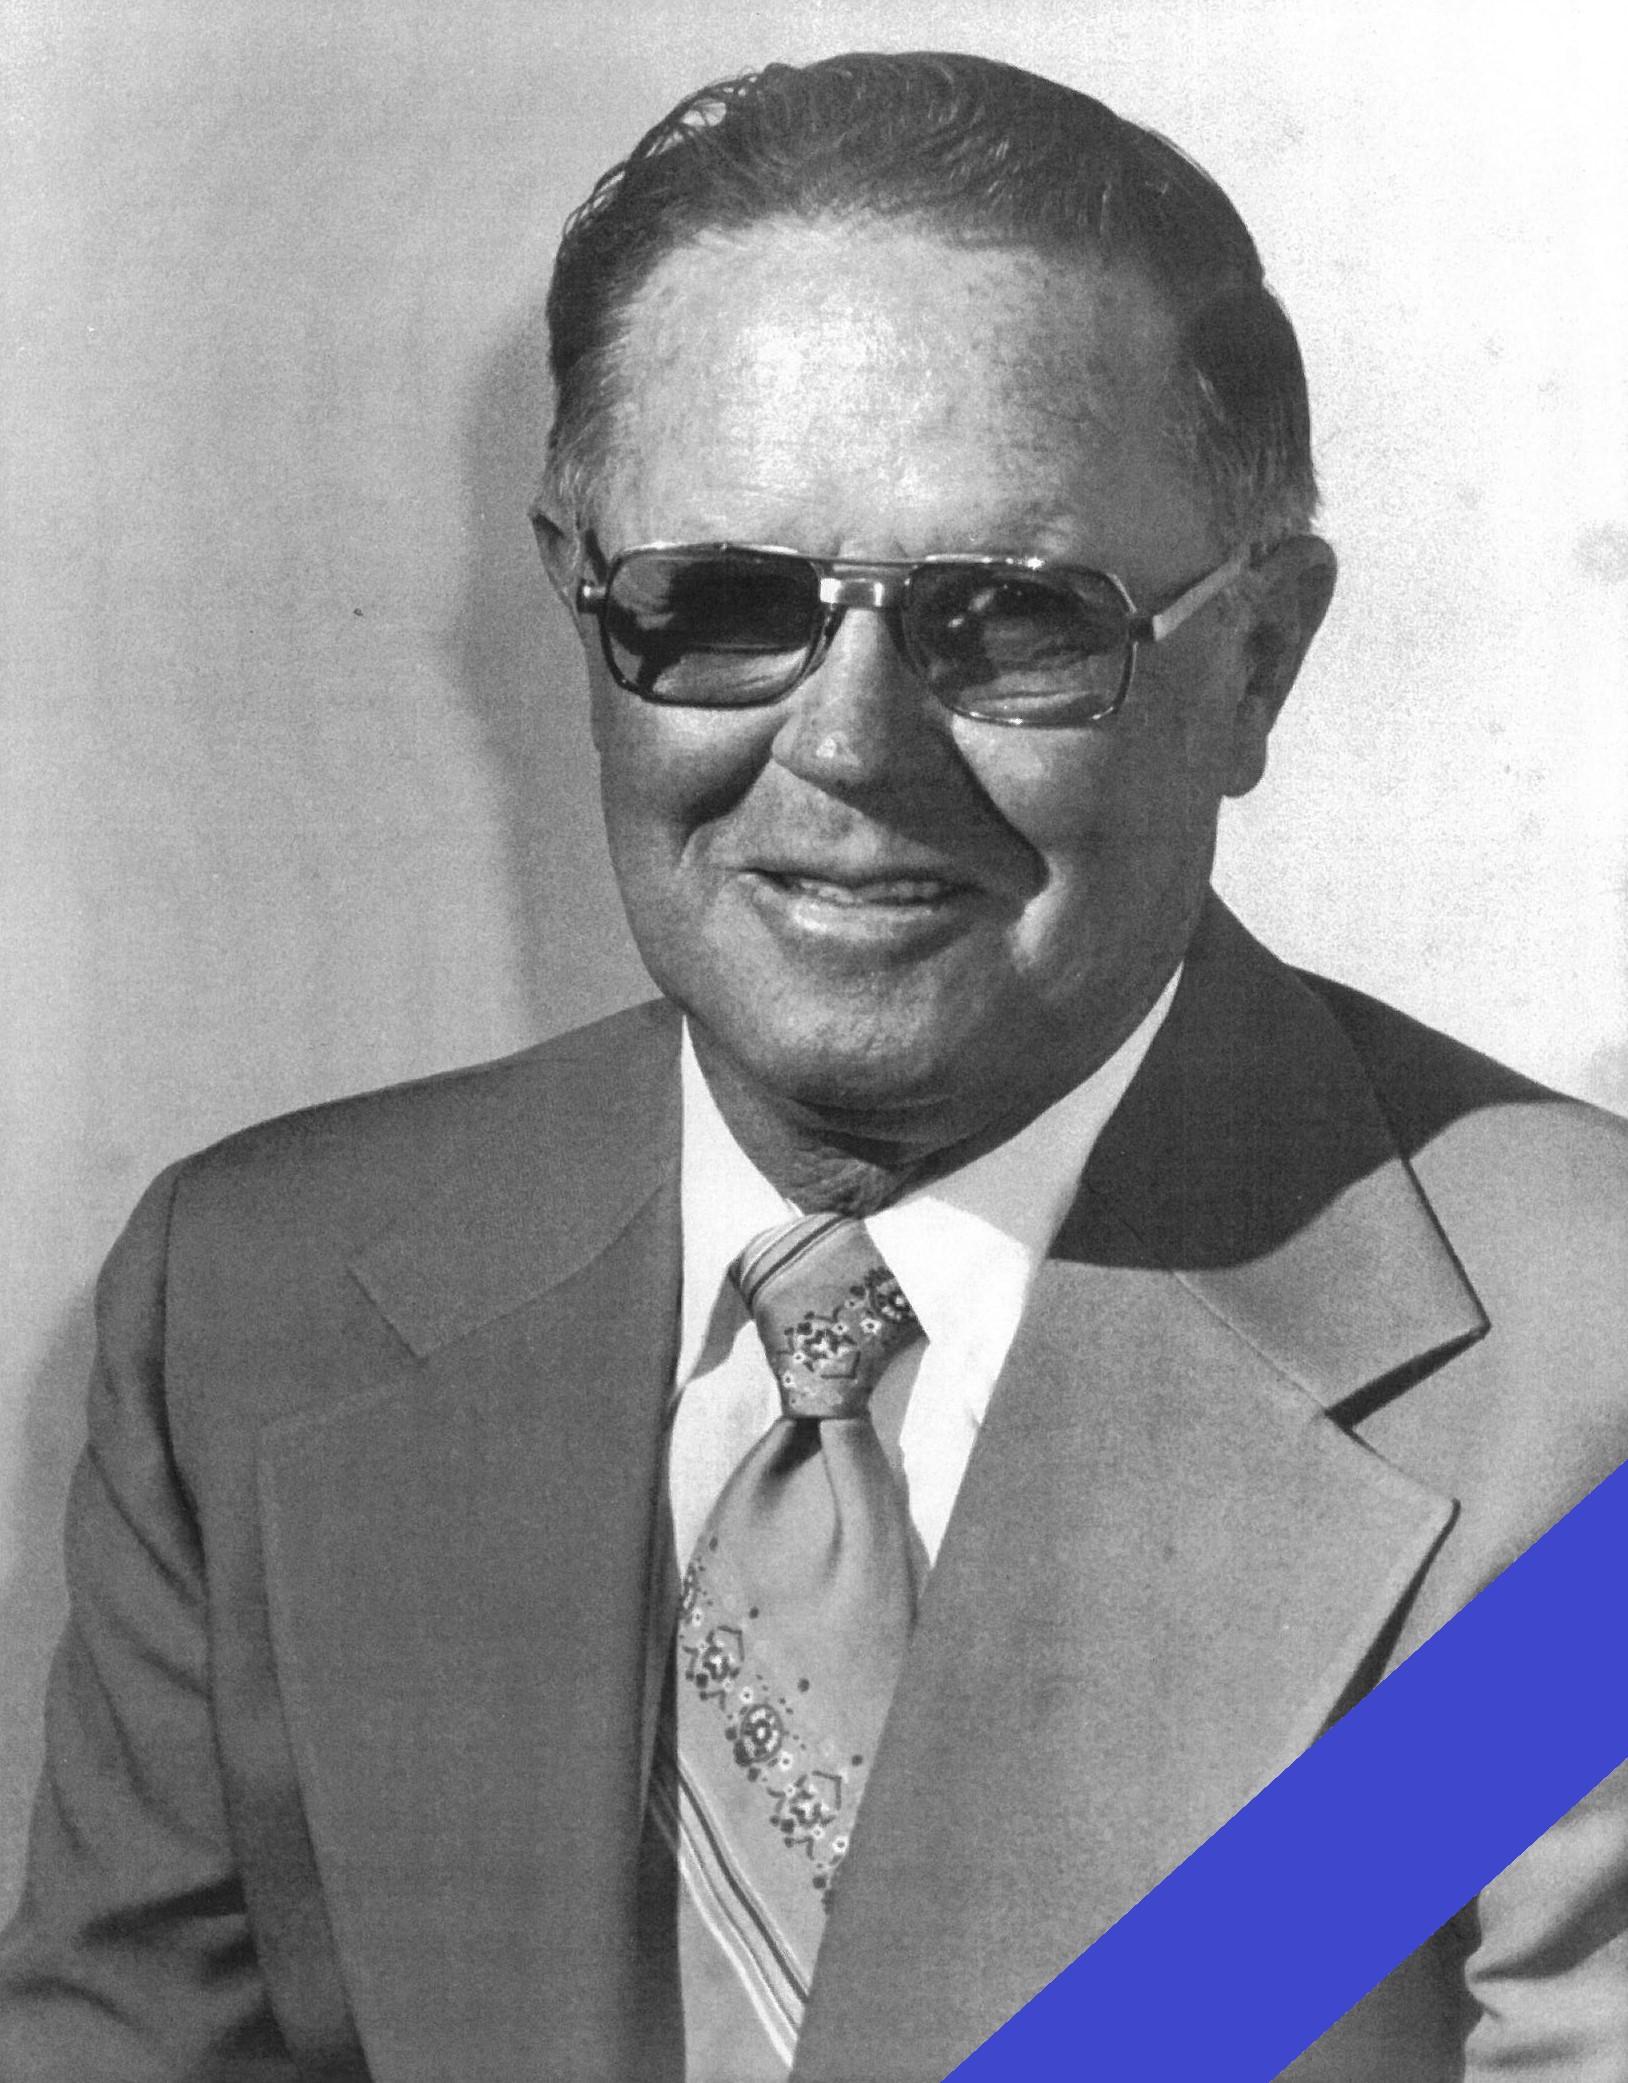 Harry J Carey